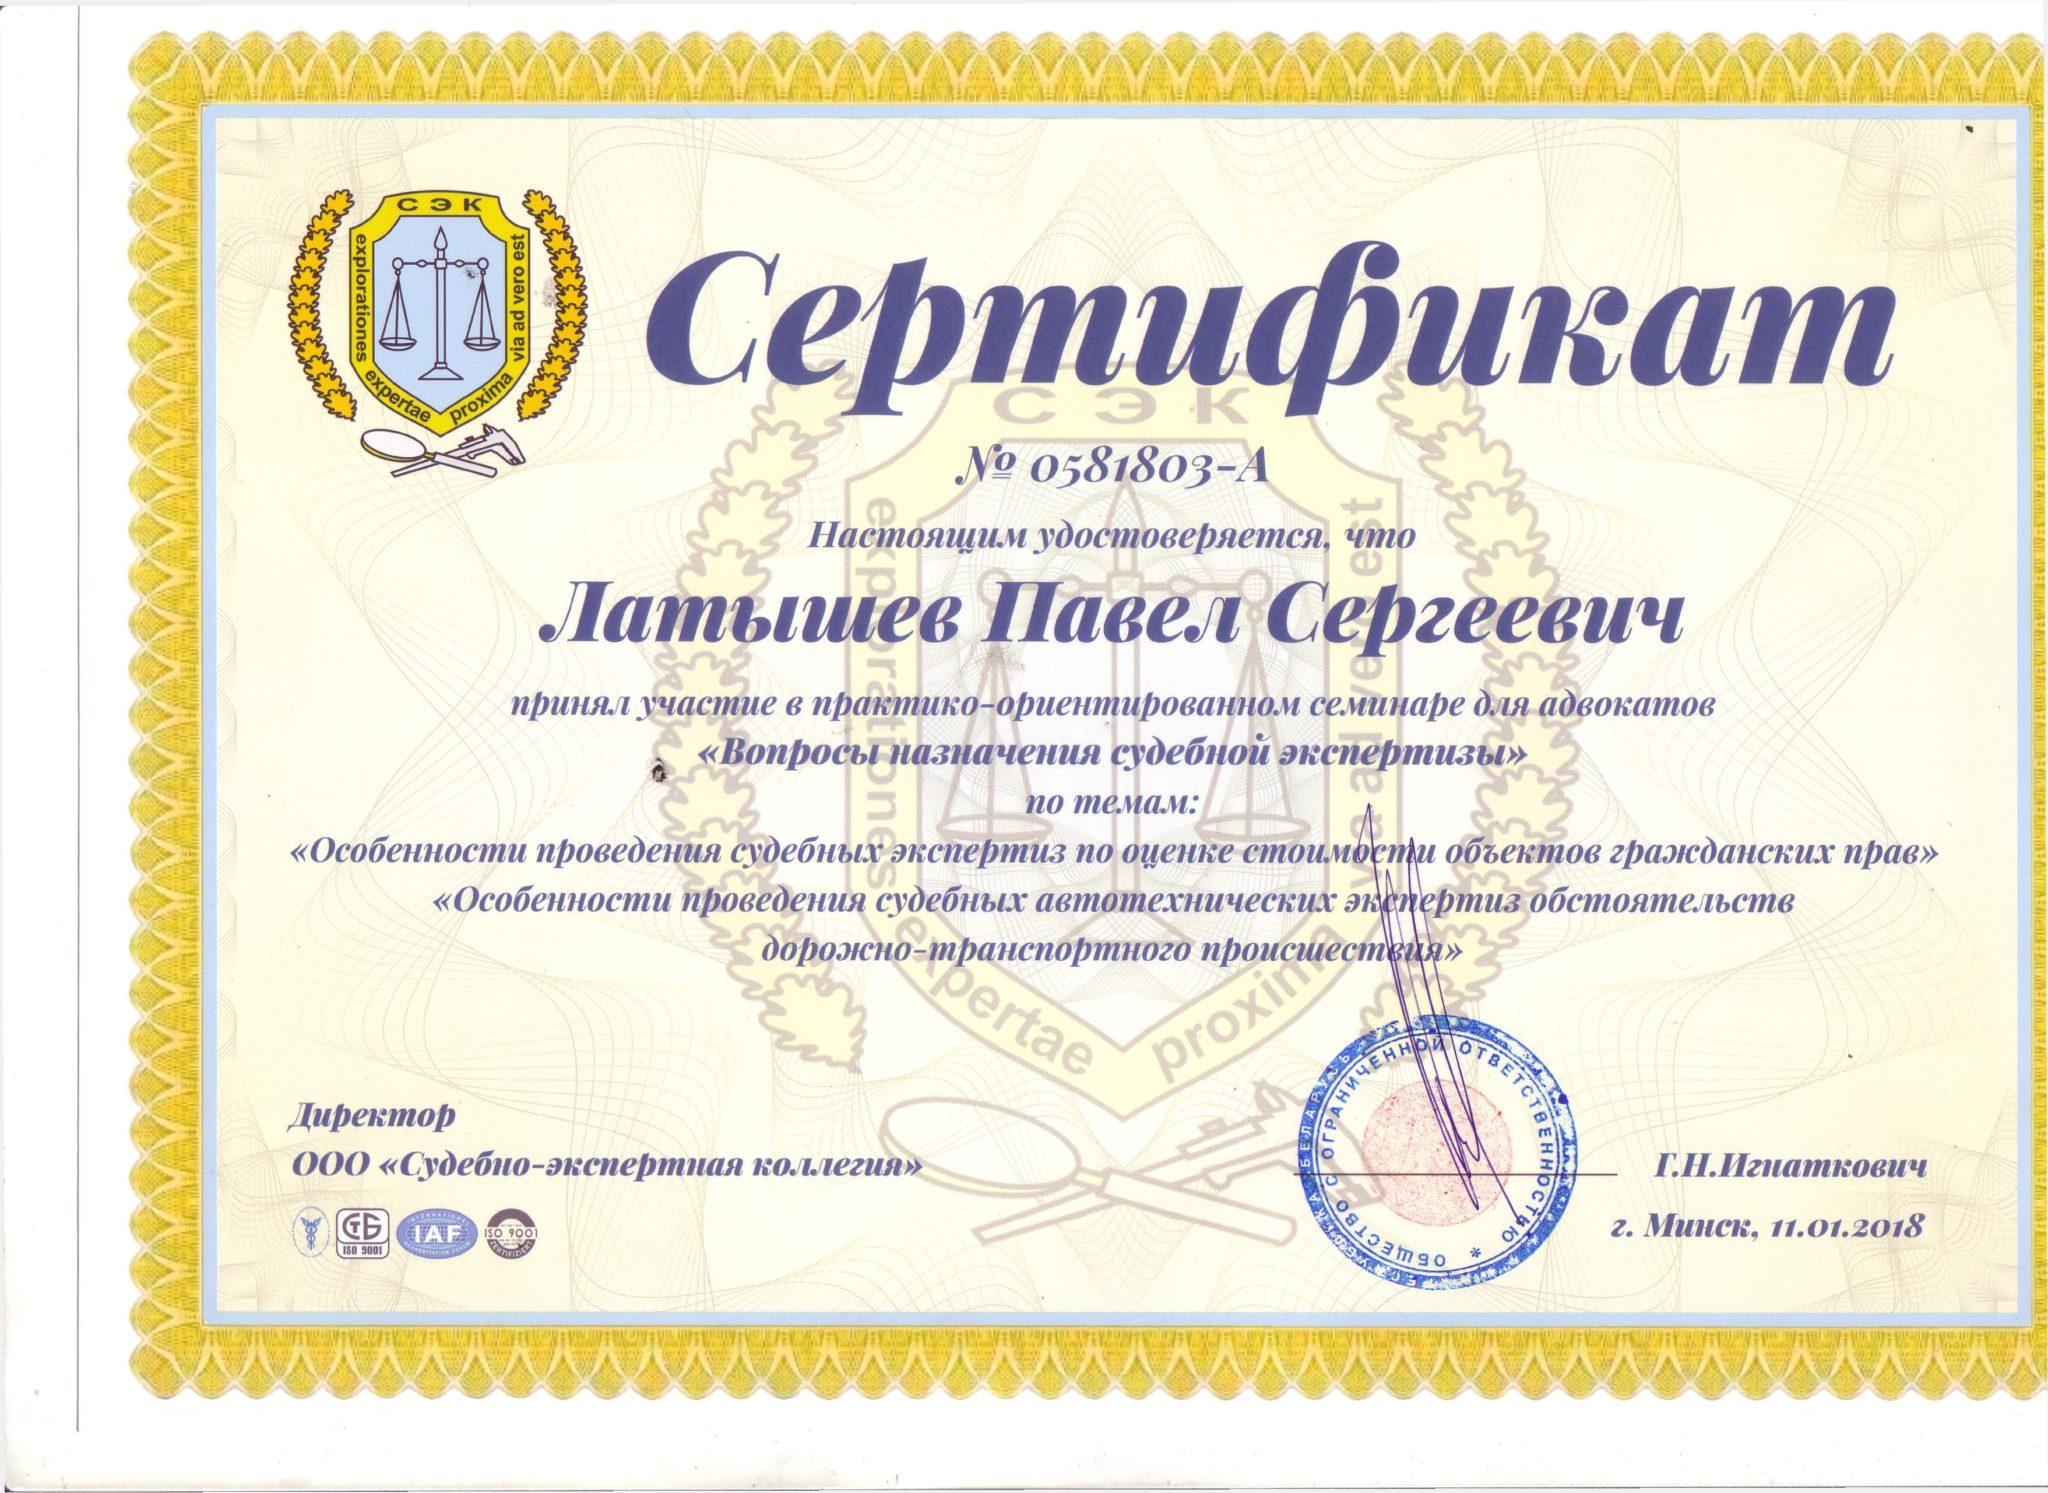 Сертификат адвоката Латышева П.С. об участии в семинаре